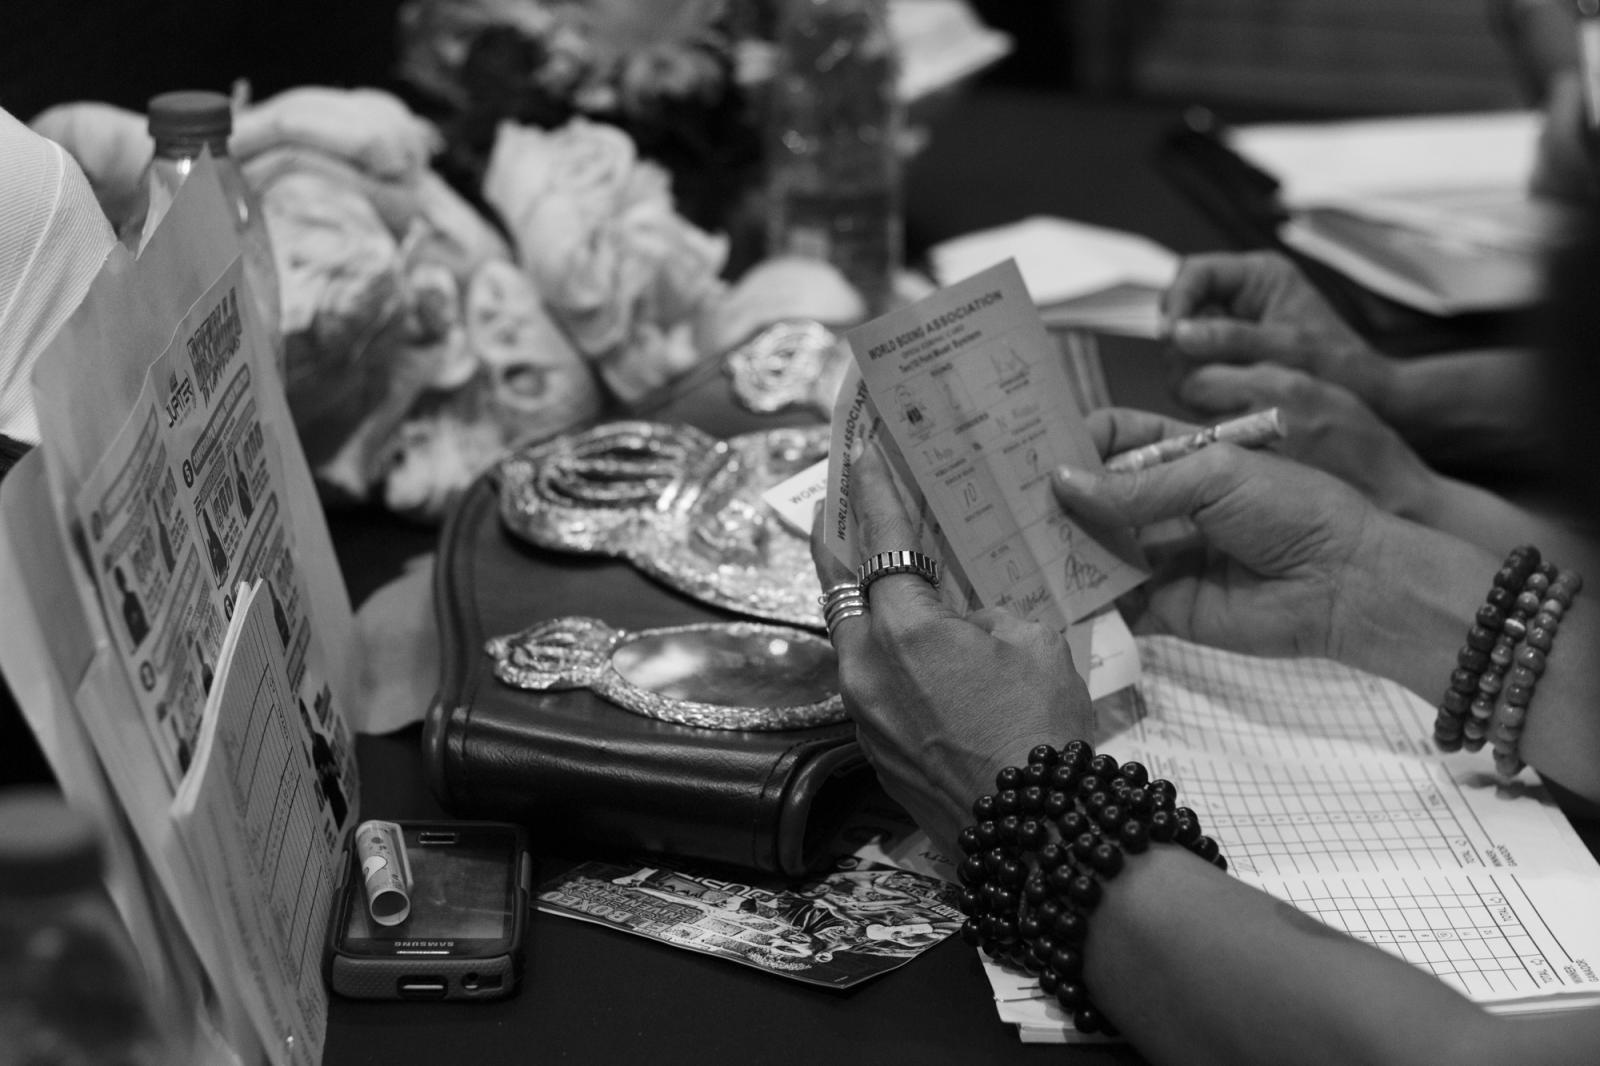 La mesa técnica, integrada también por mujeres, hace el conteo final de la pelea de Rivas y Sorroche, durante La Batalla de campeonas. 18.06.2016, Maiquetía, Venezuela.